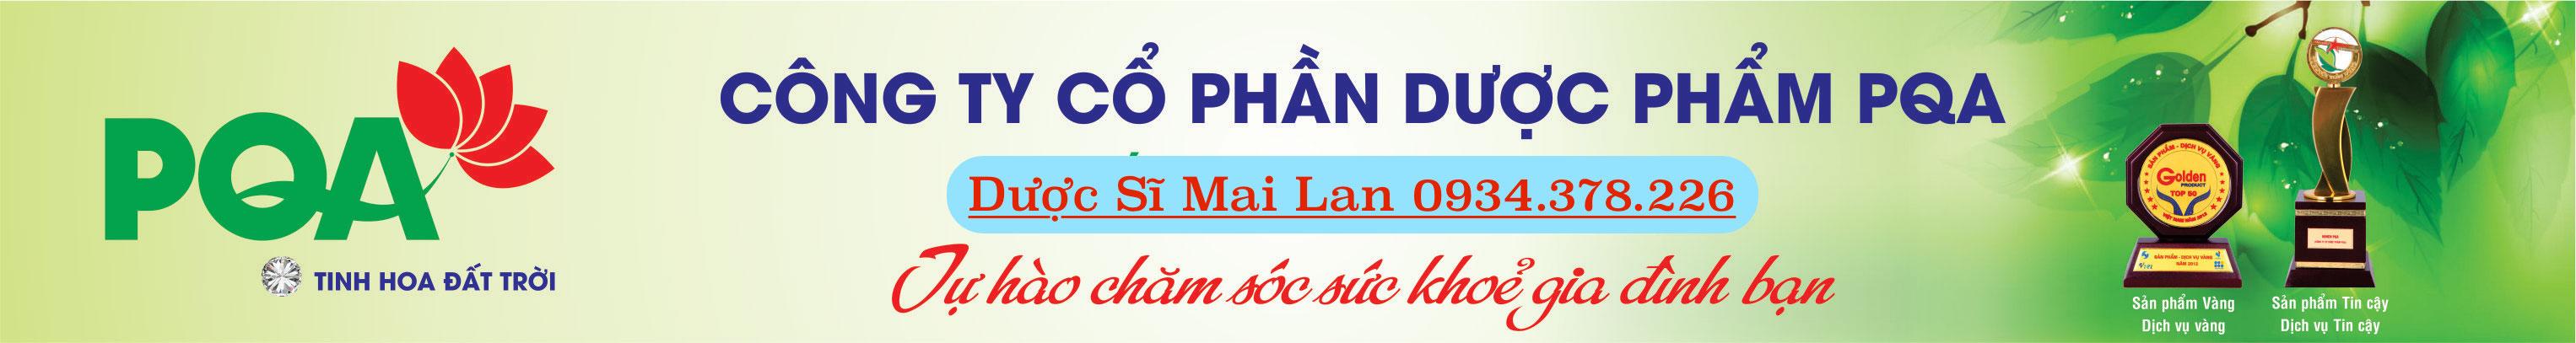 PQA – Công ty dược phẩm PQA